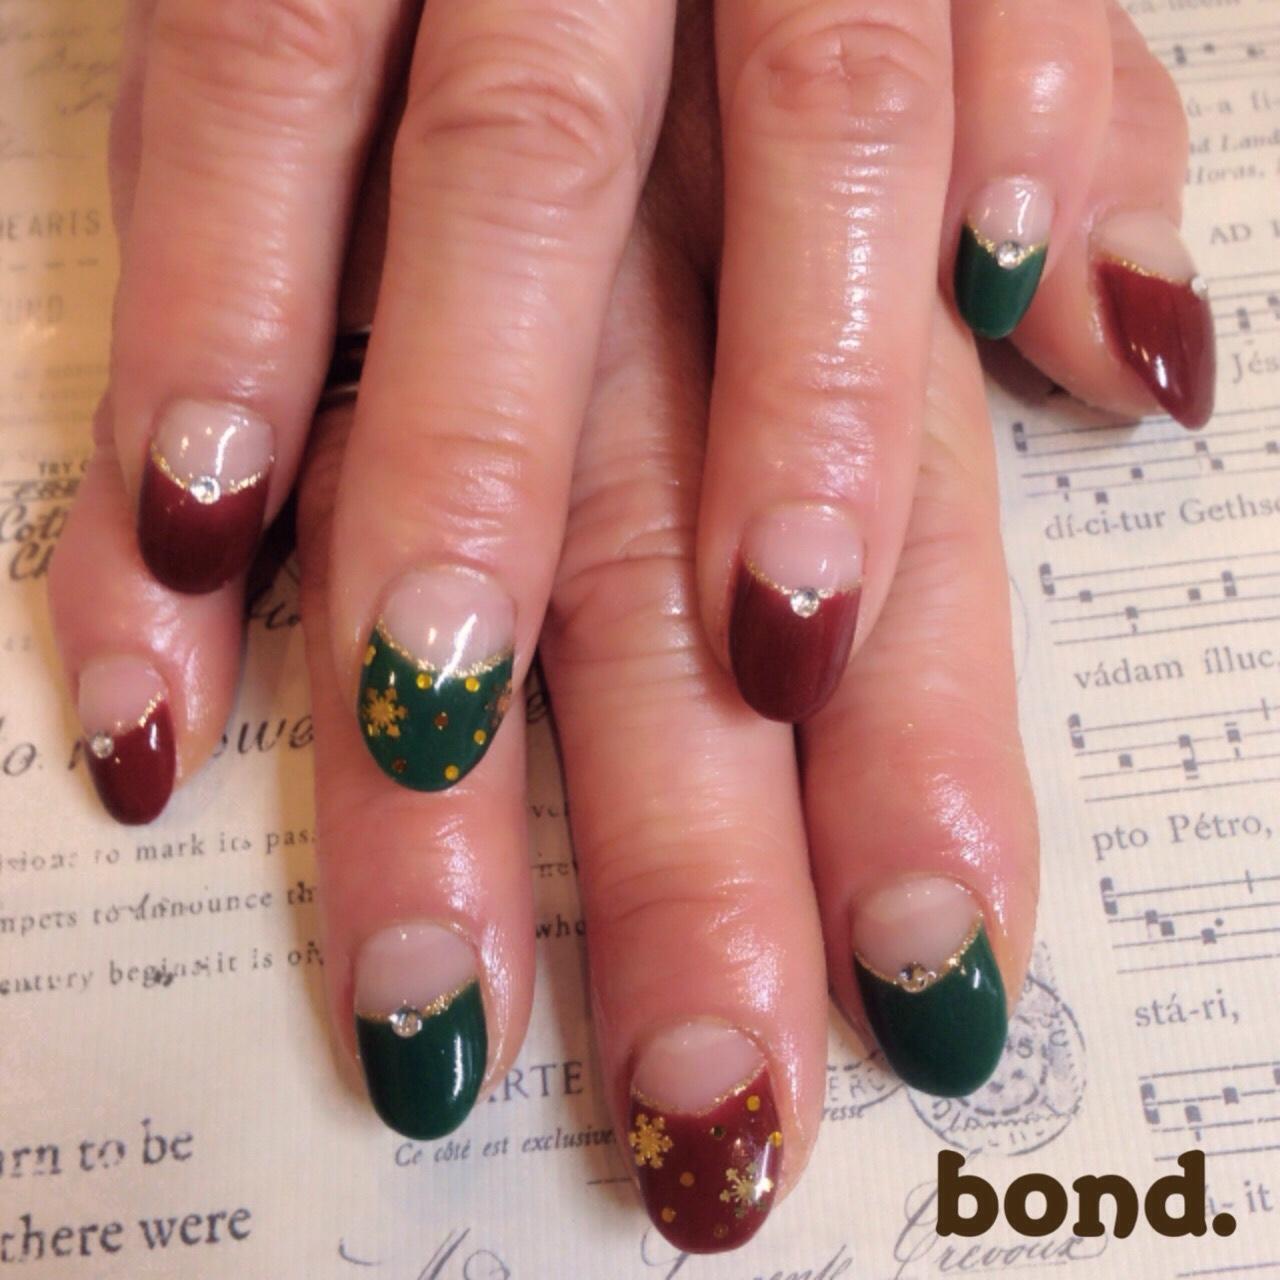 赤・緑・ゴールドでクリスマスネイル 若松区高須 ネイルサロン , 若松区高須 美容室 hair,make bond.併設ネイルサロン